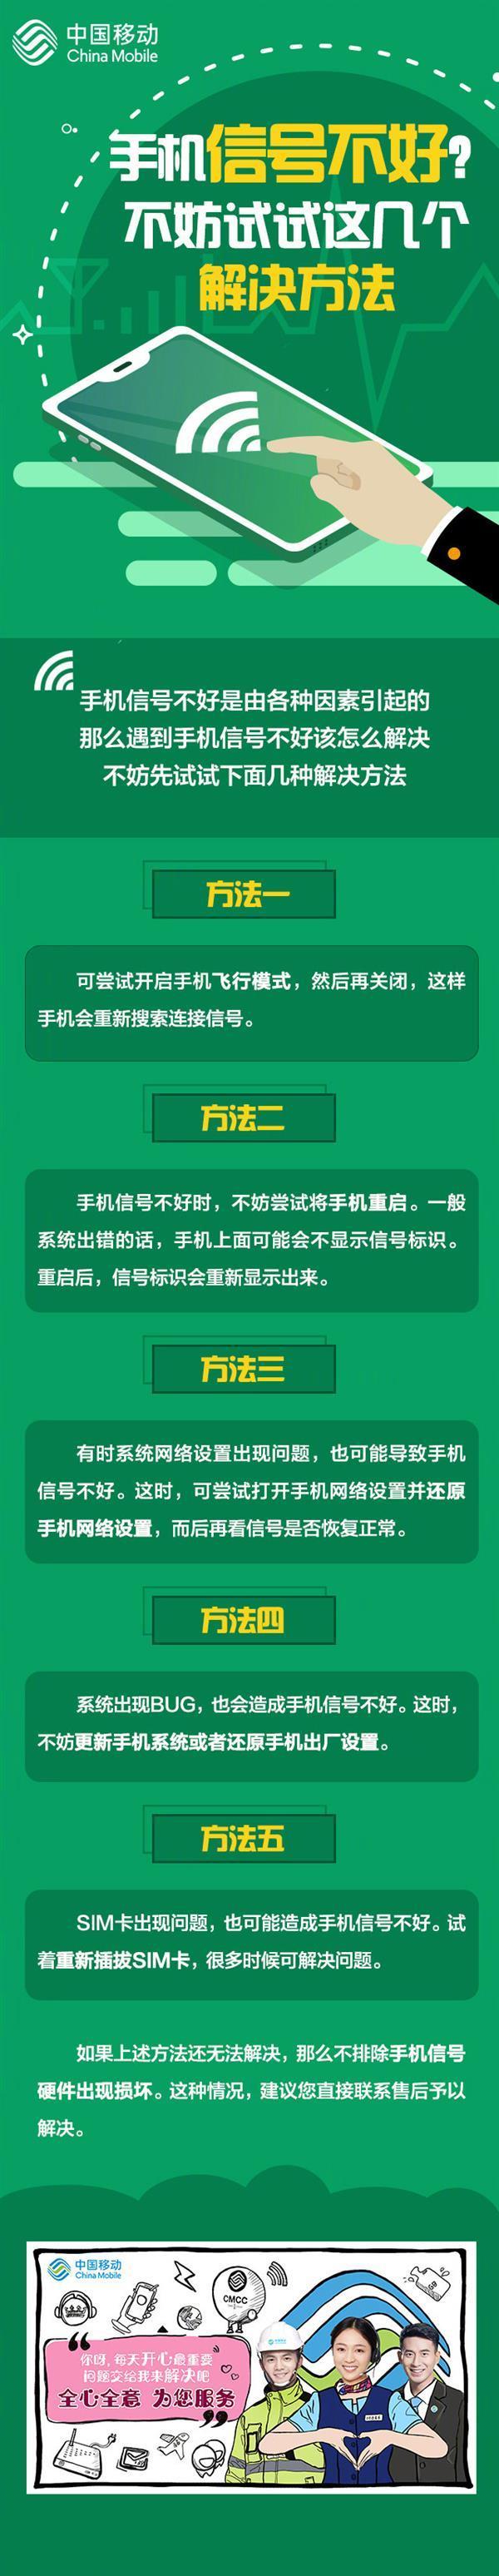 手机信号不好?中国移动官方公布解决方法